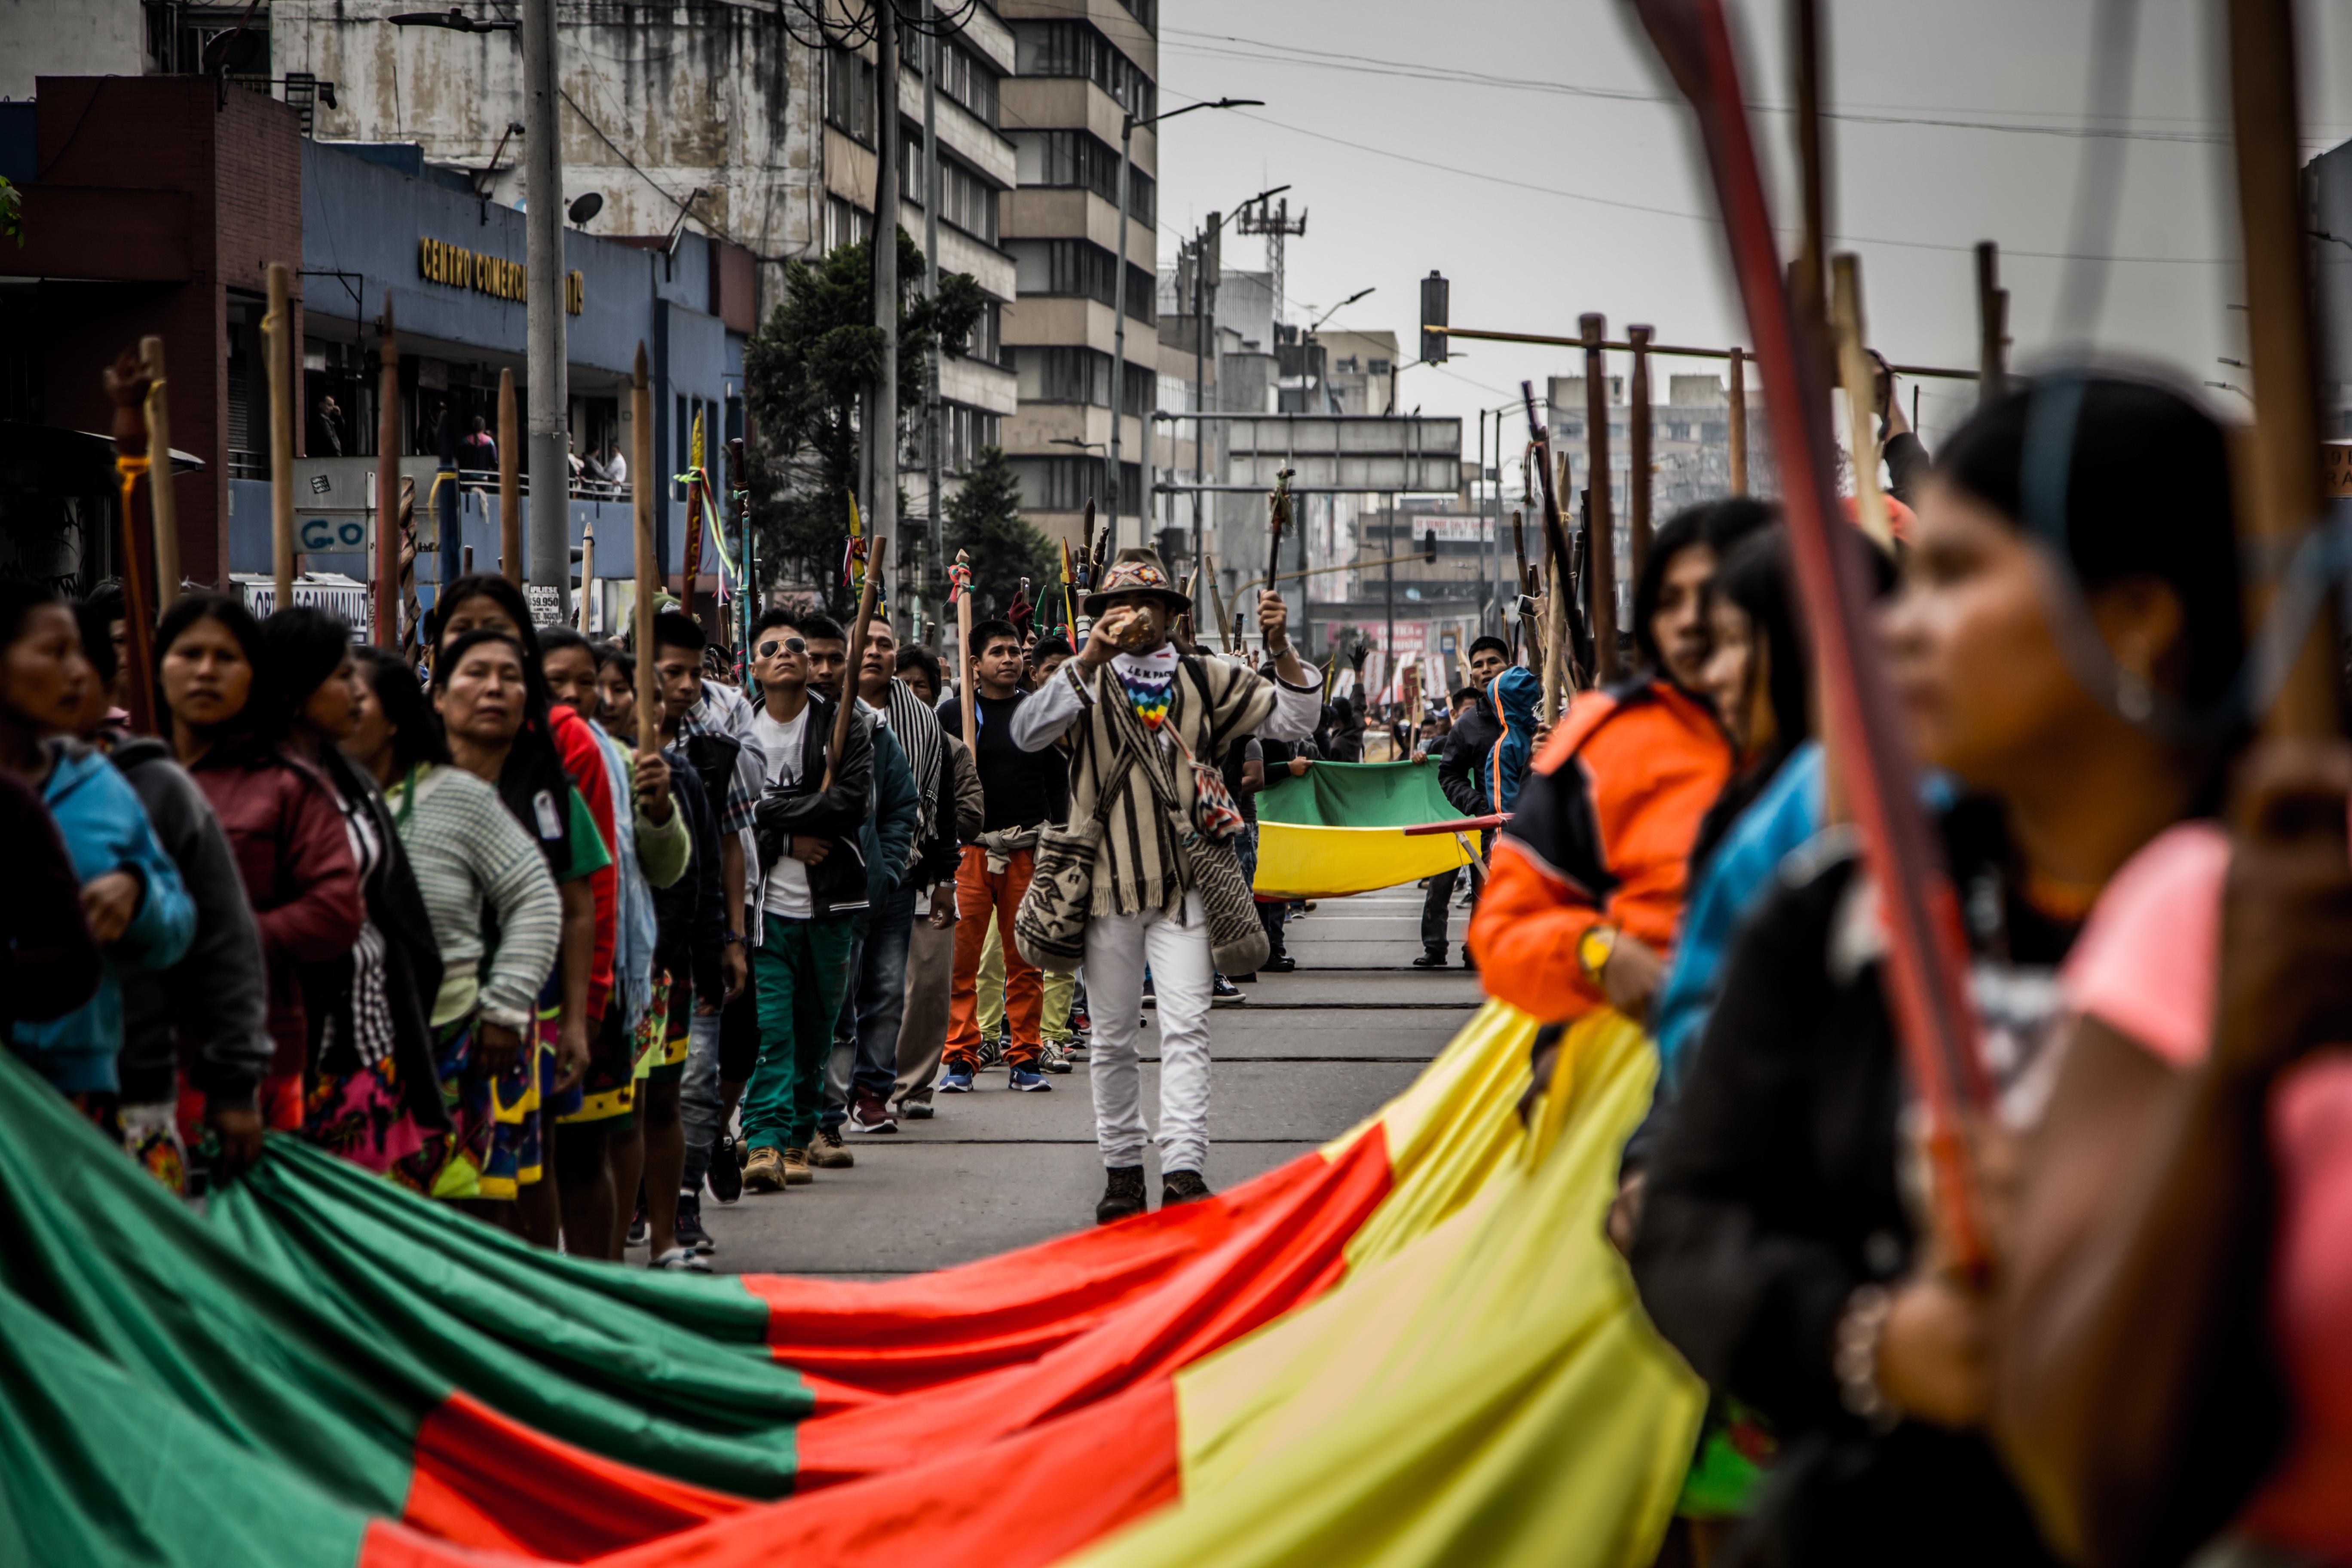 La crisis humanitaria detrás de la minga indígena que llegó a Bogotá